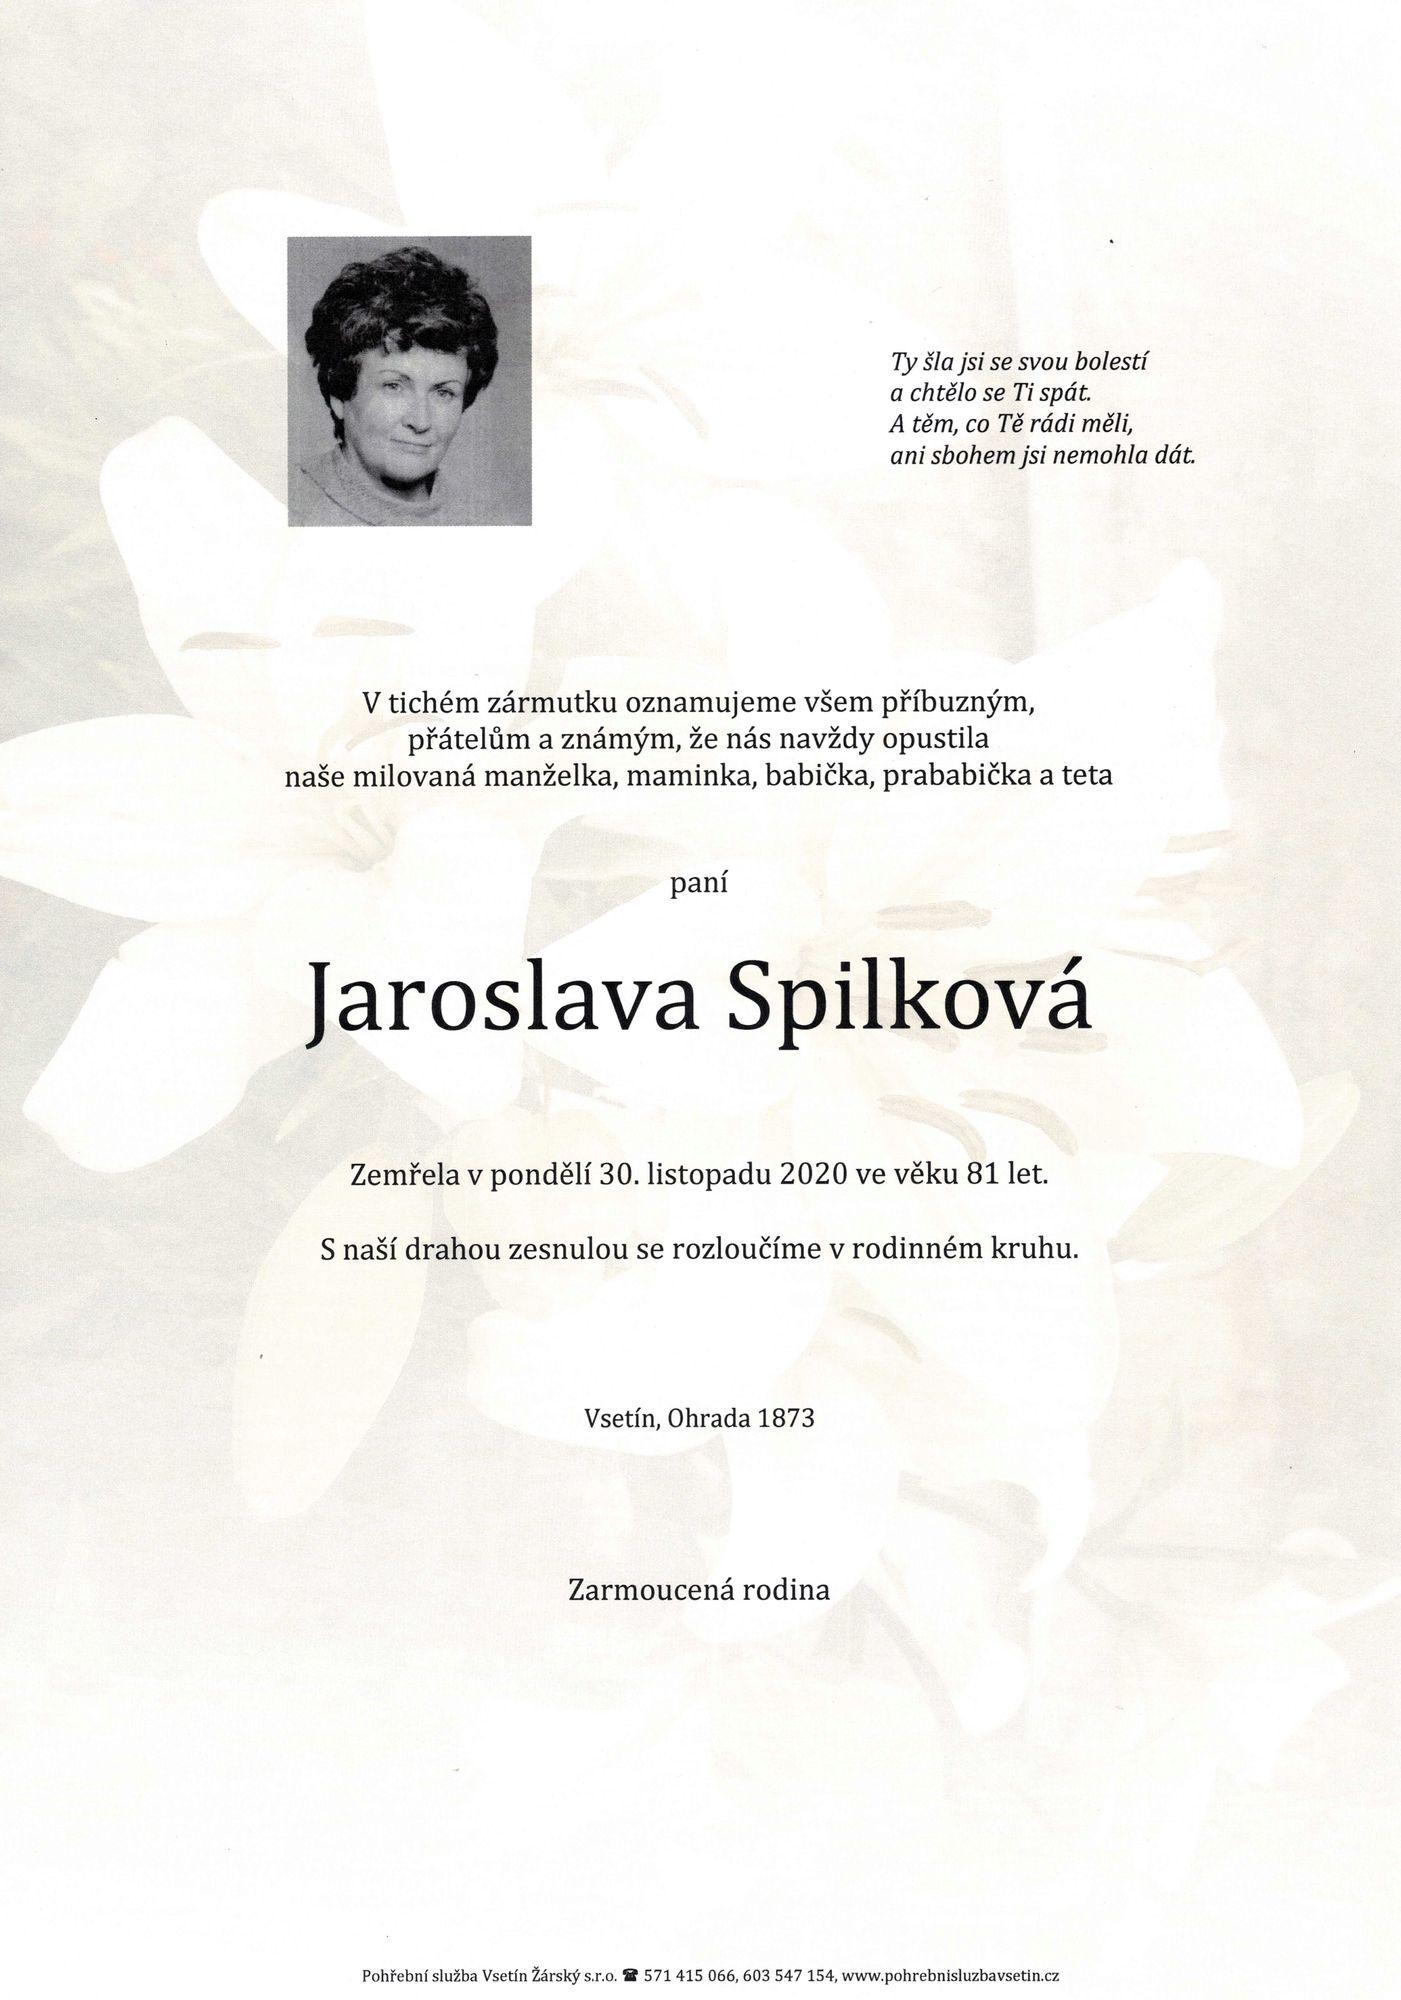 Jaroslava Spilková